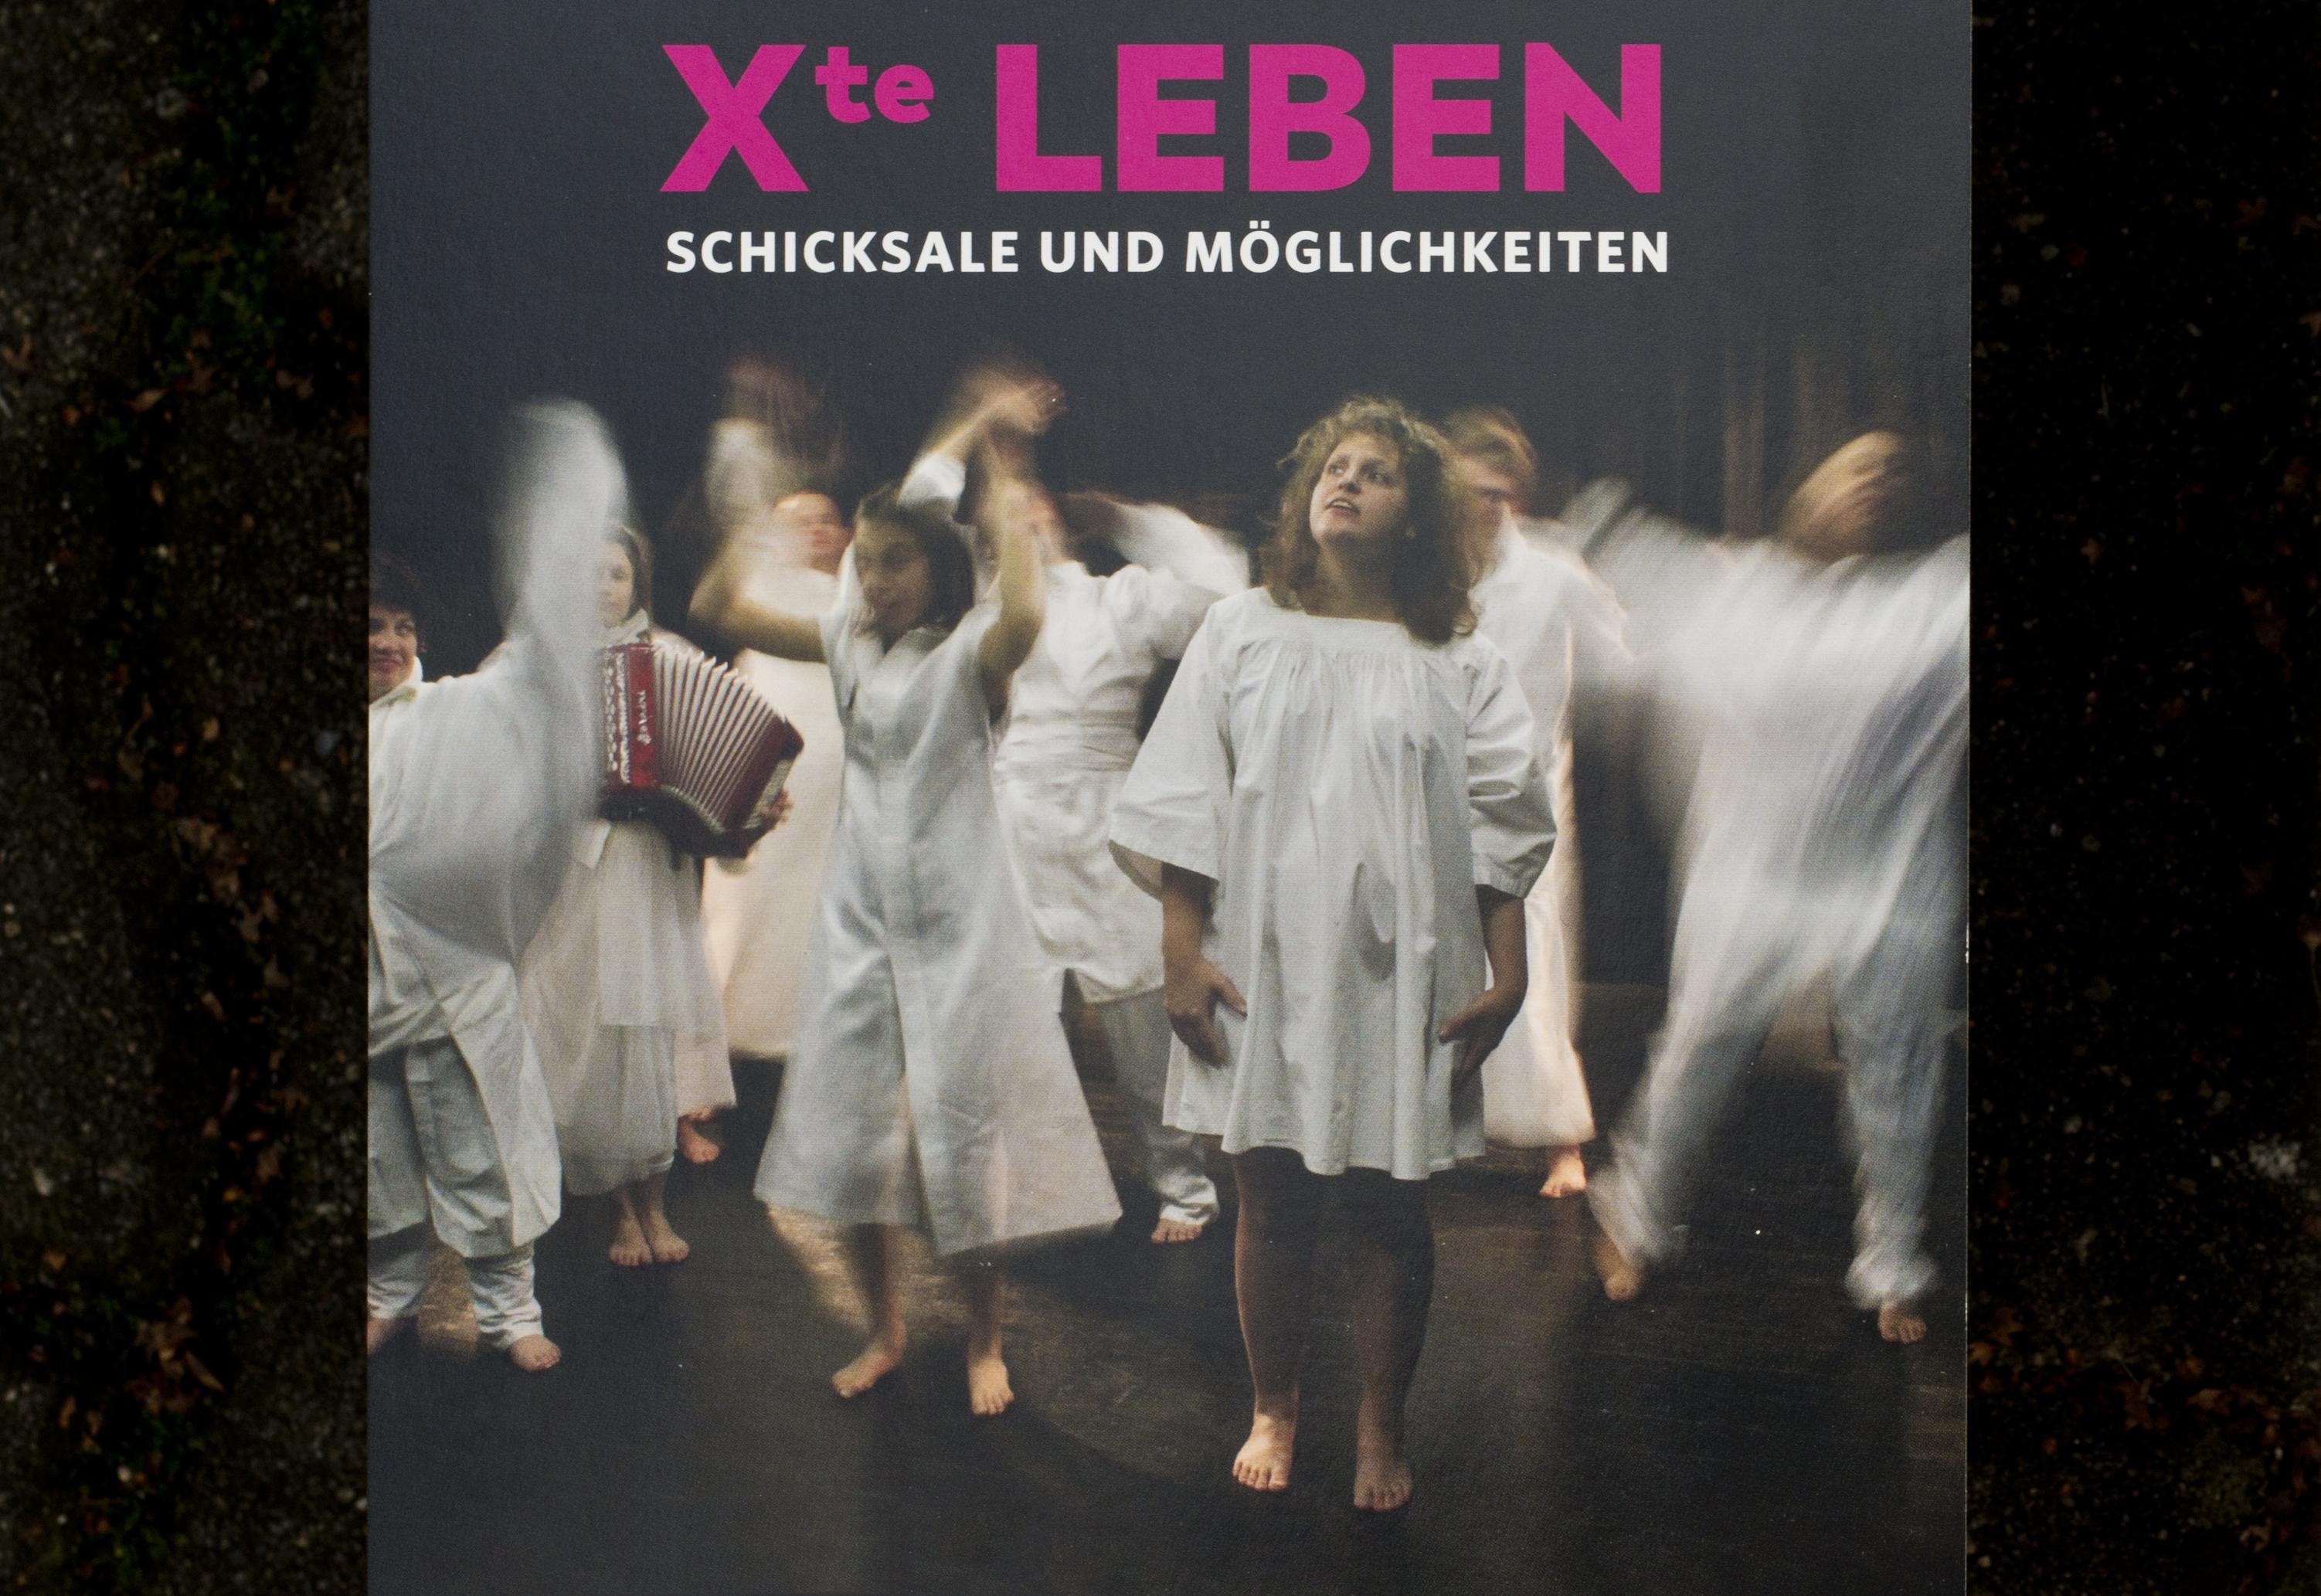 xte leben – Theaterstück – Gestaltung – Institut Hartheim Theater Kraut und Ruam © Martin Bruner Sombrero Design